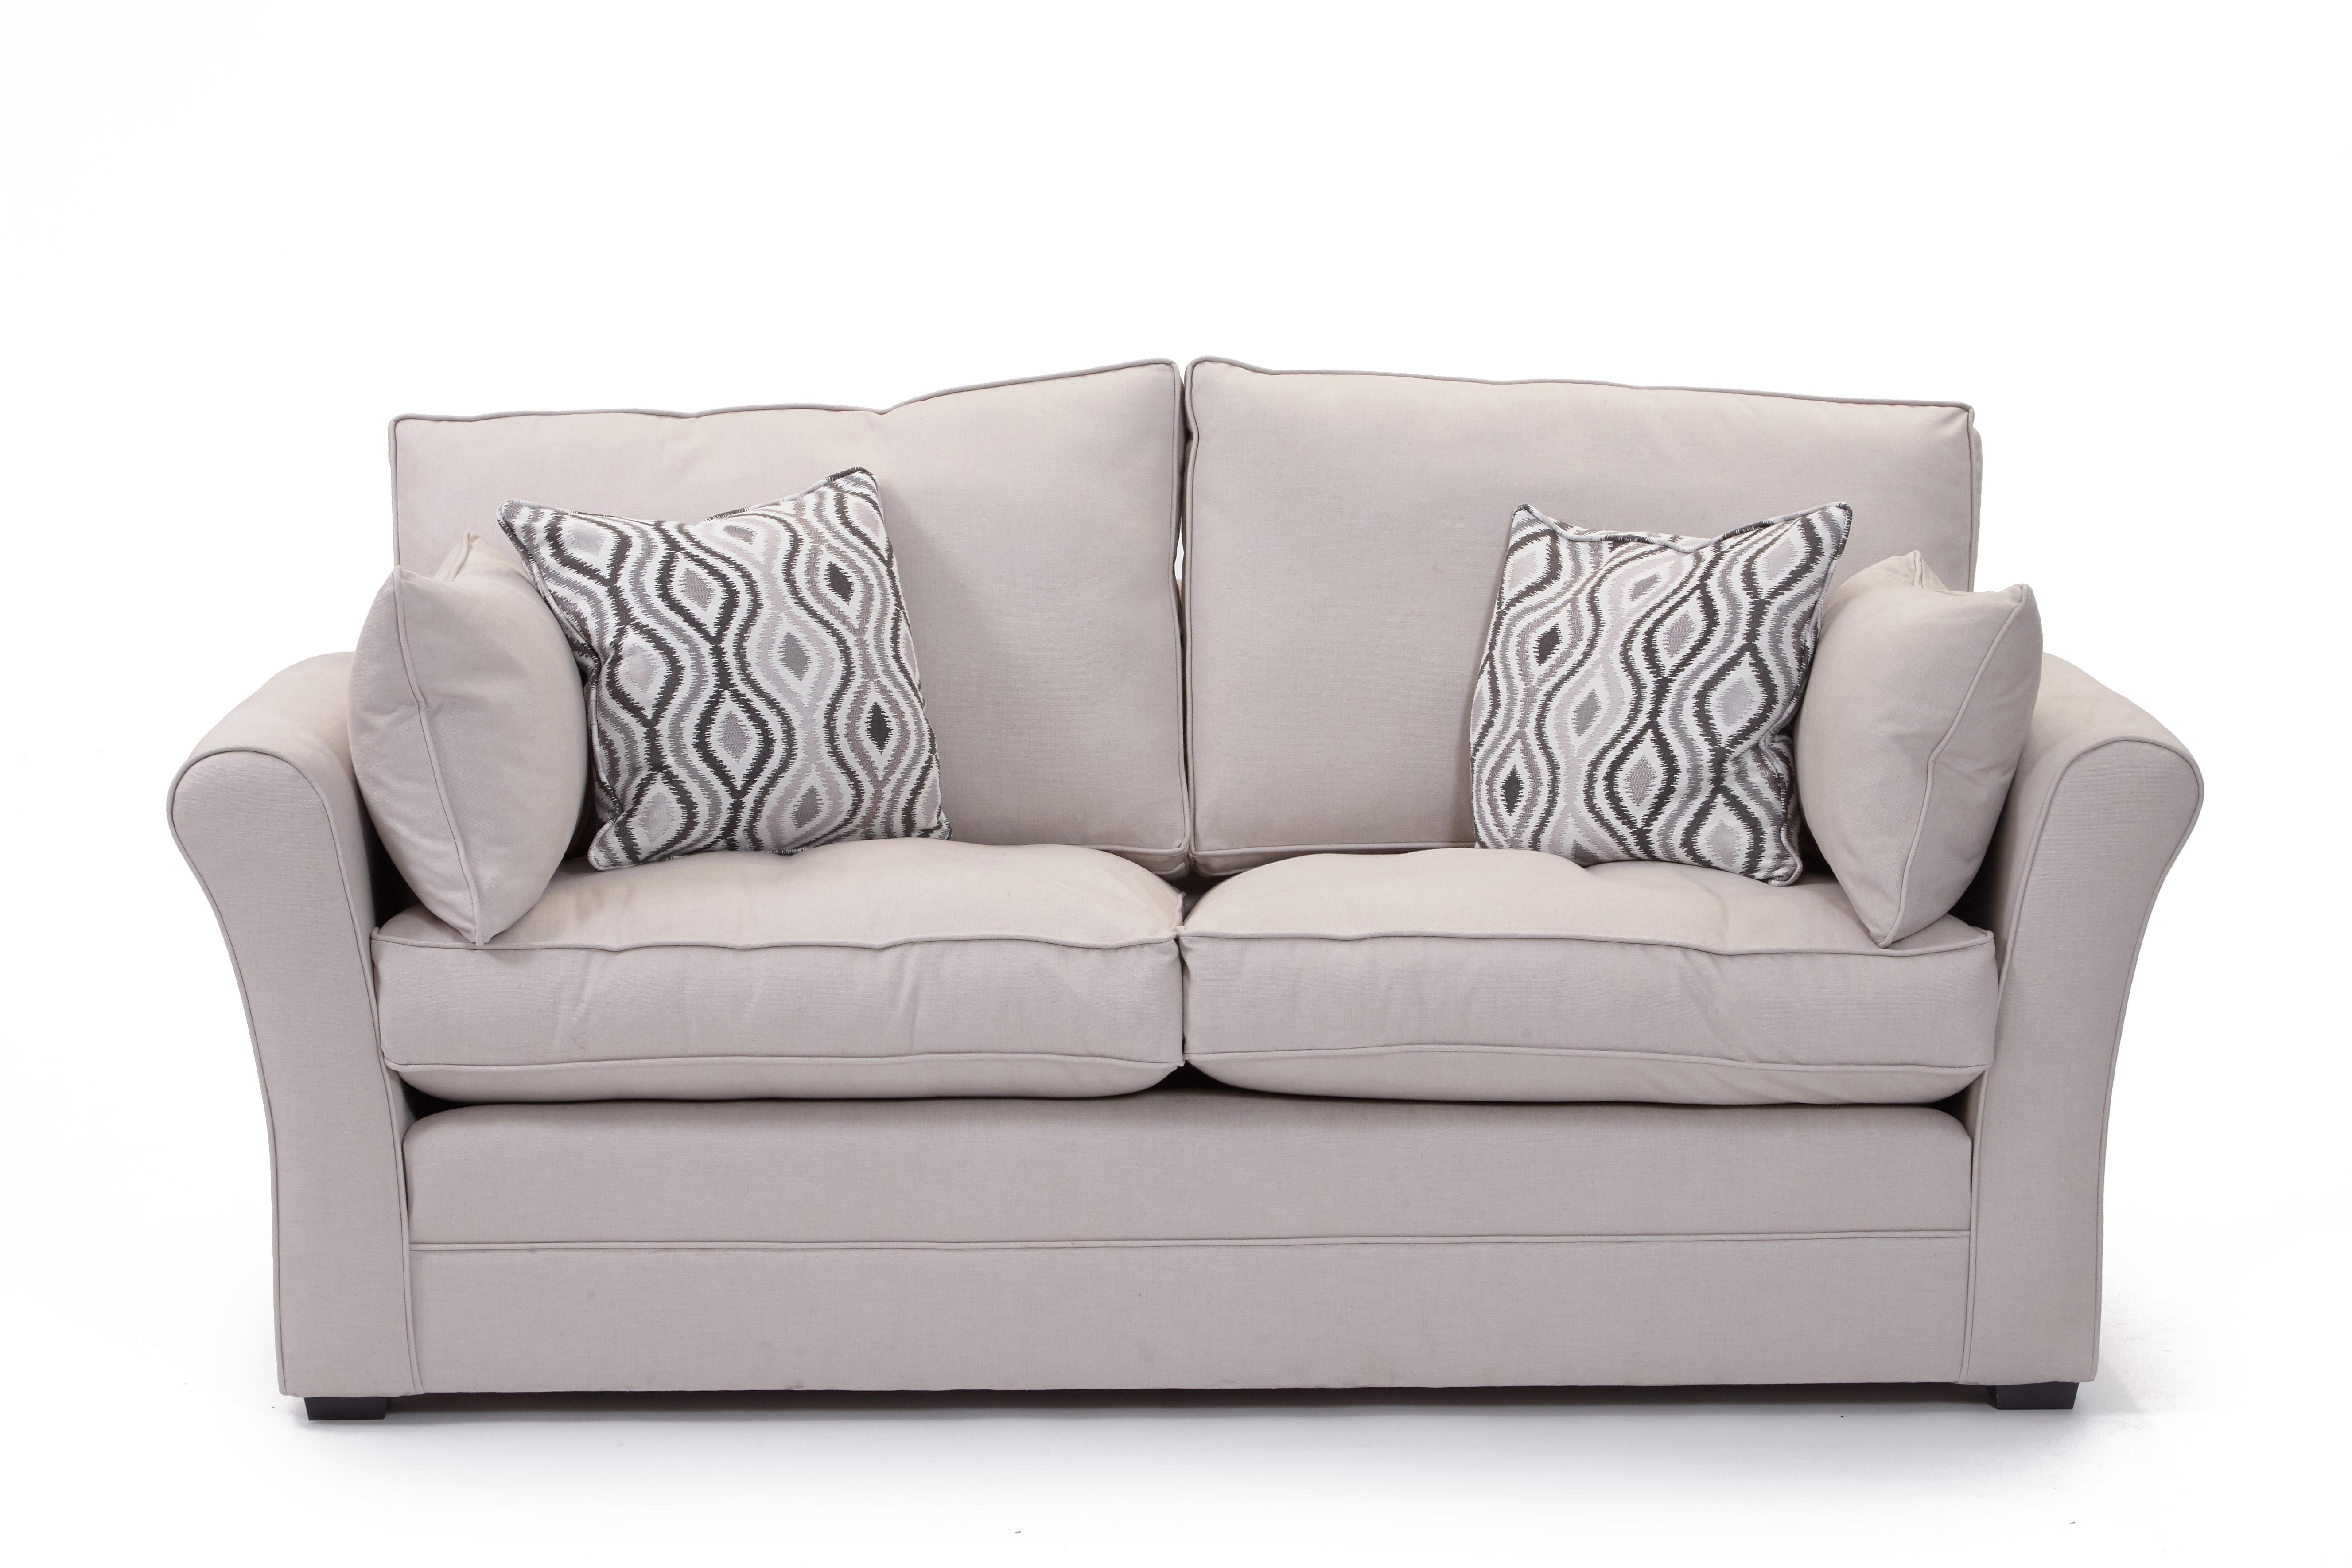 Acton Medium Sofa